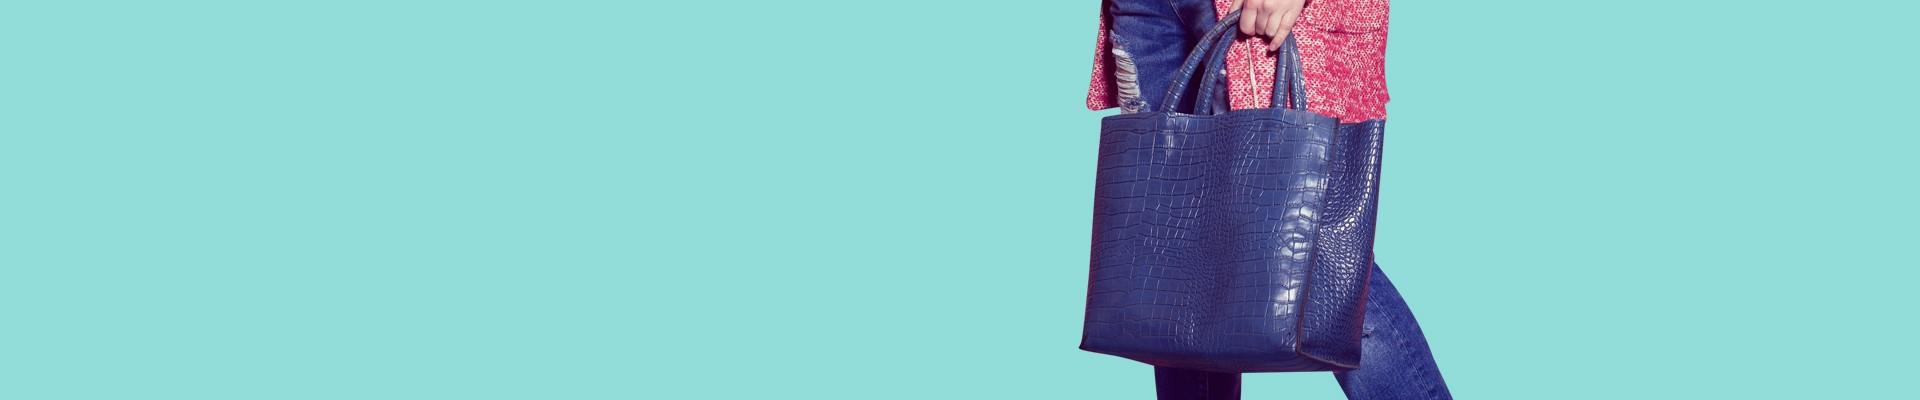 Jual Handbag Wanita Model Terbaru - Harga Terbaik